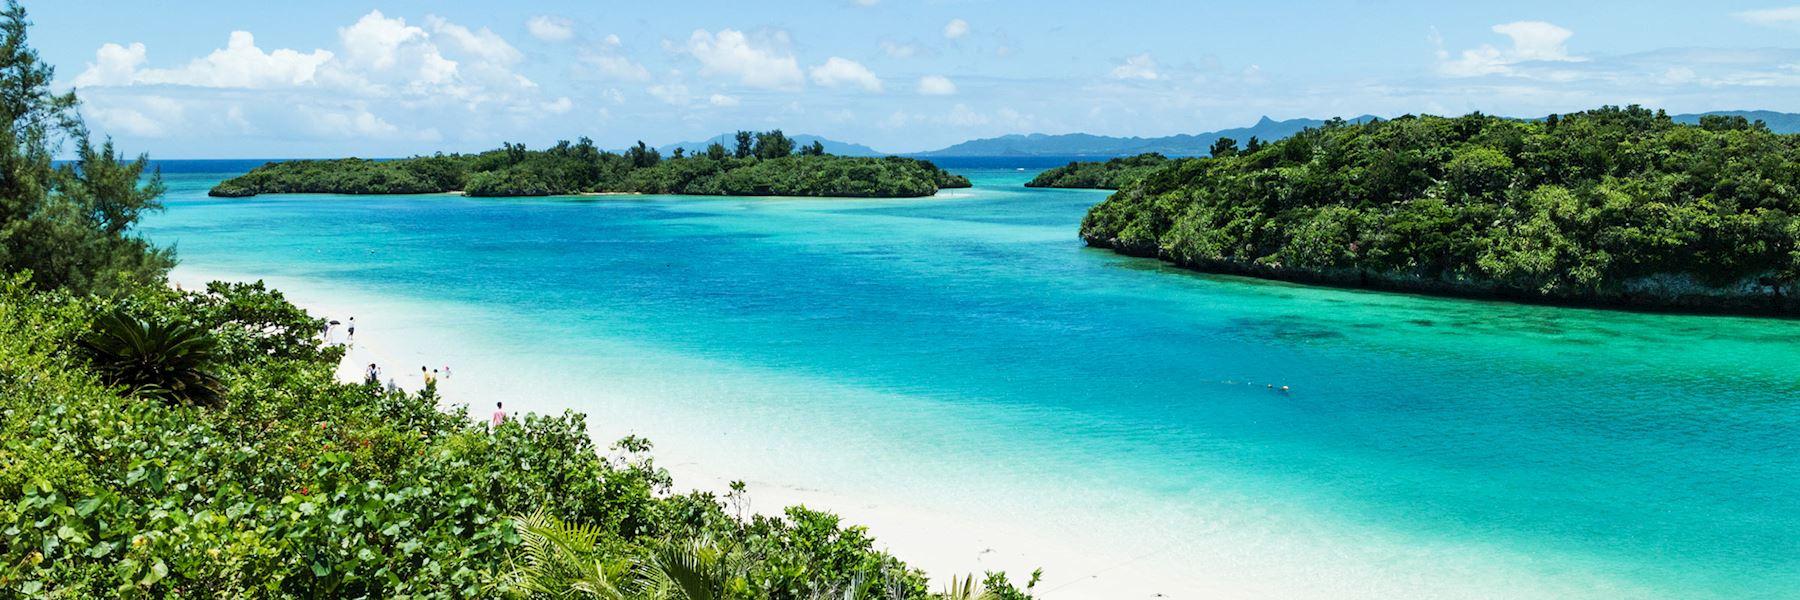 Visit Okinawa, Japan